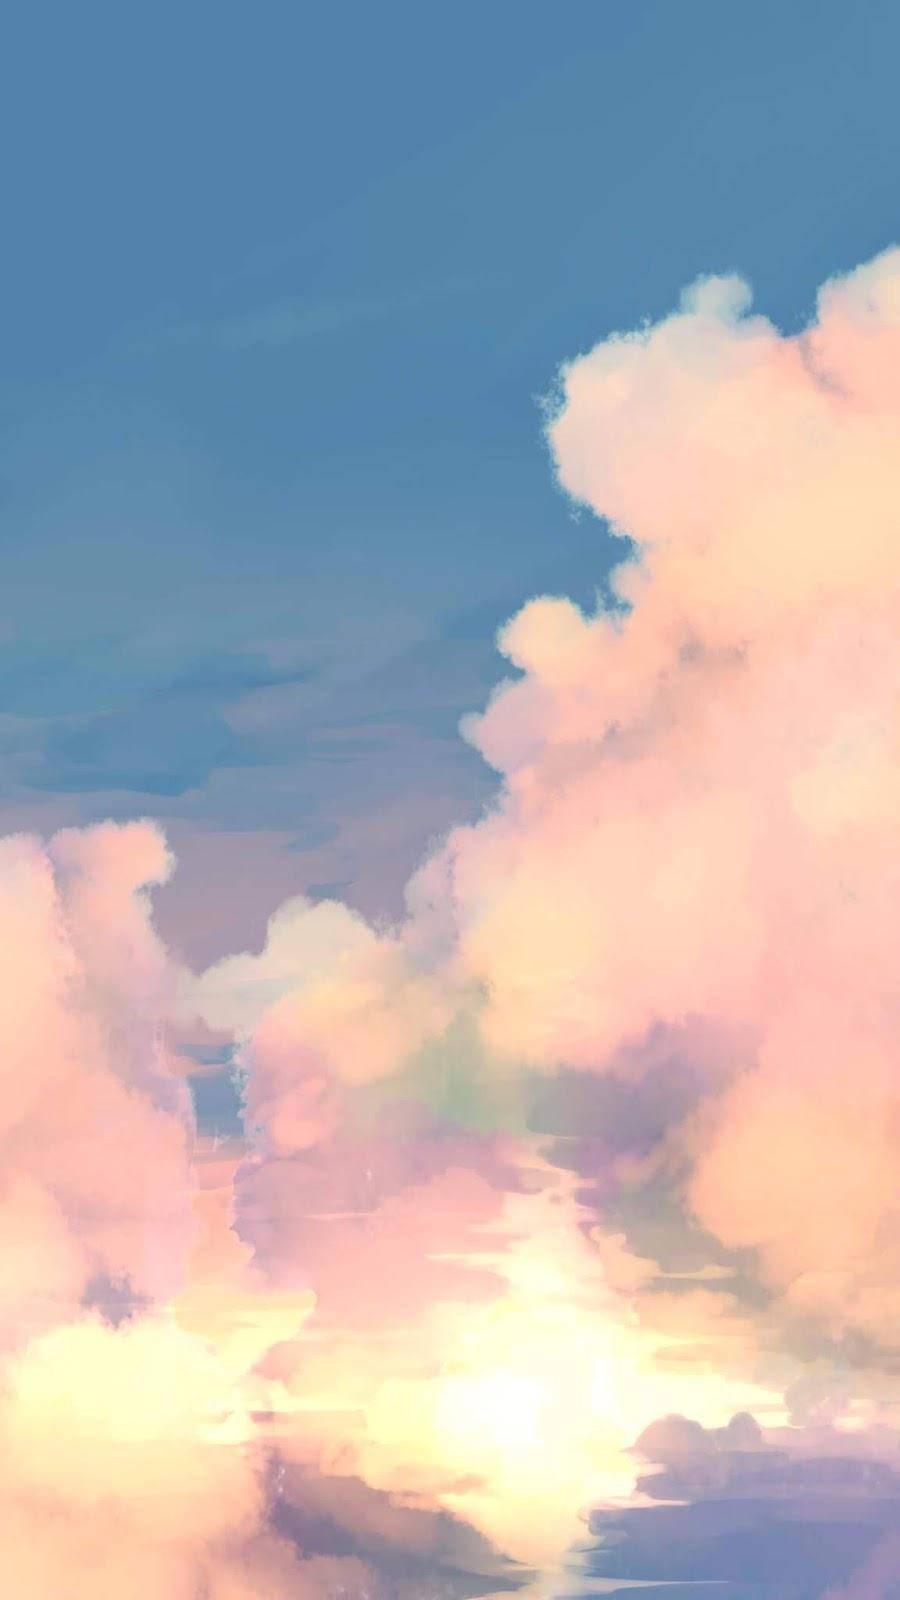 Mây trên bầu trời xanh